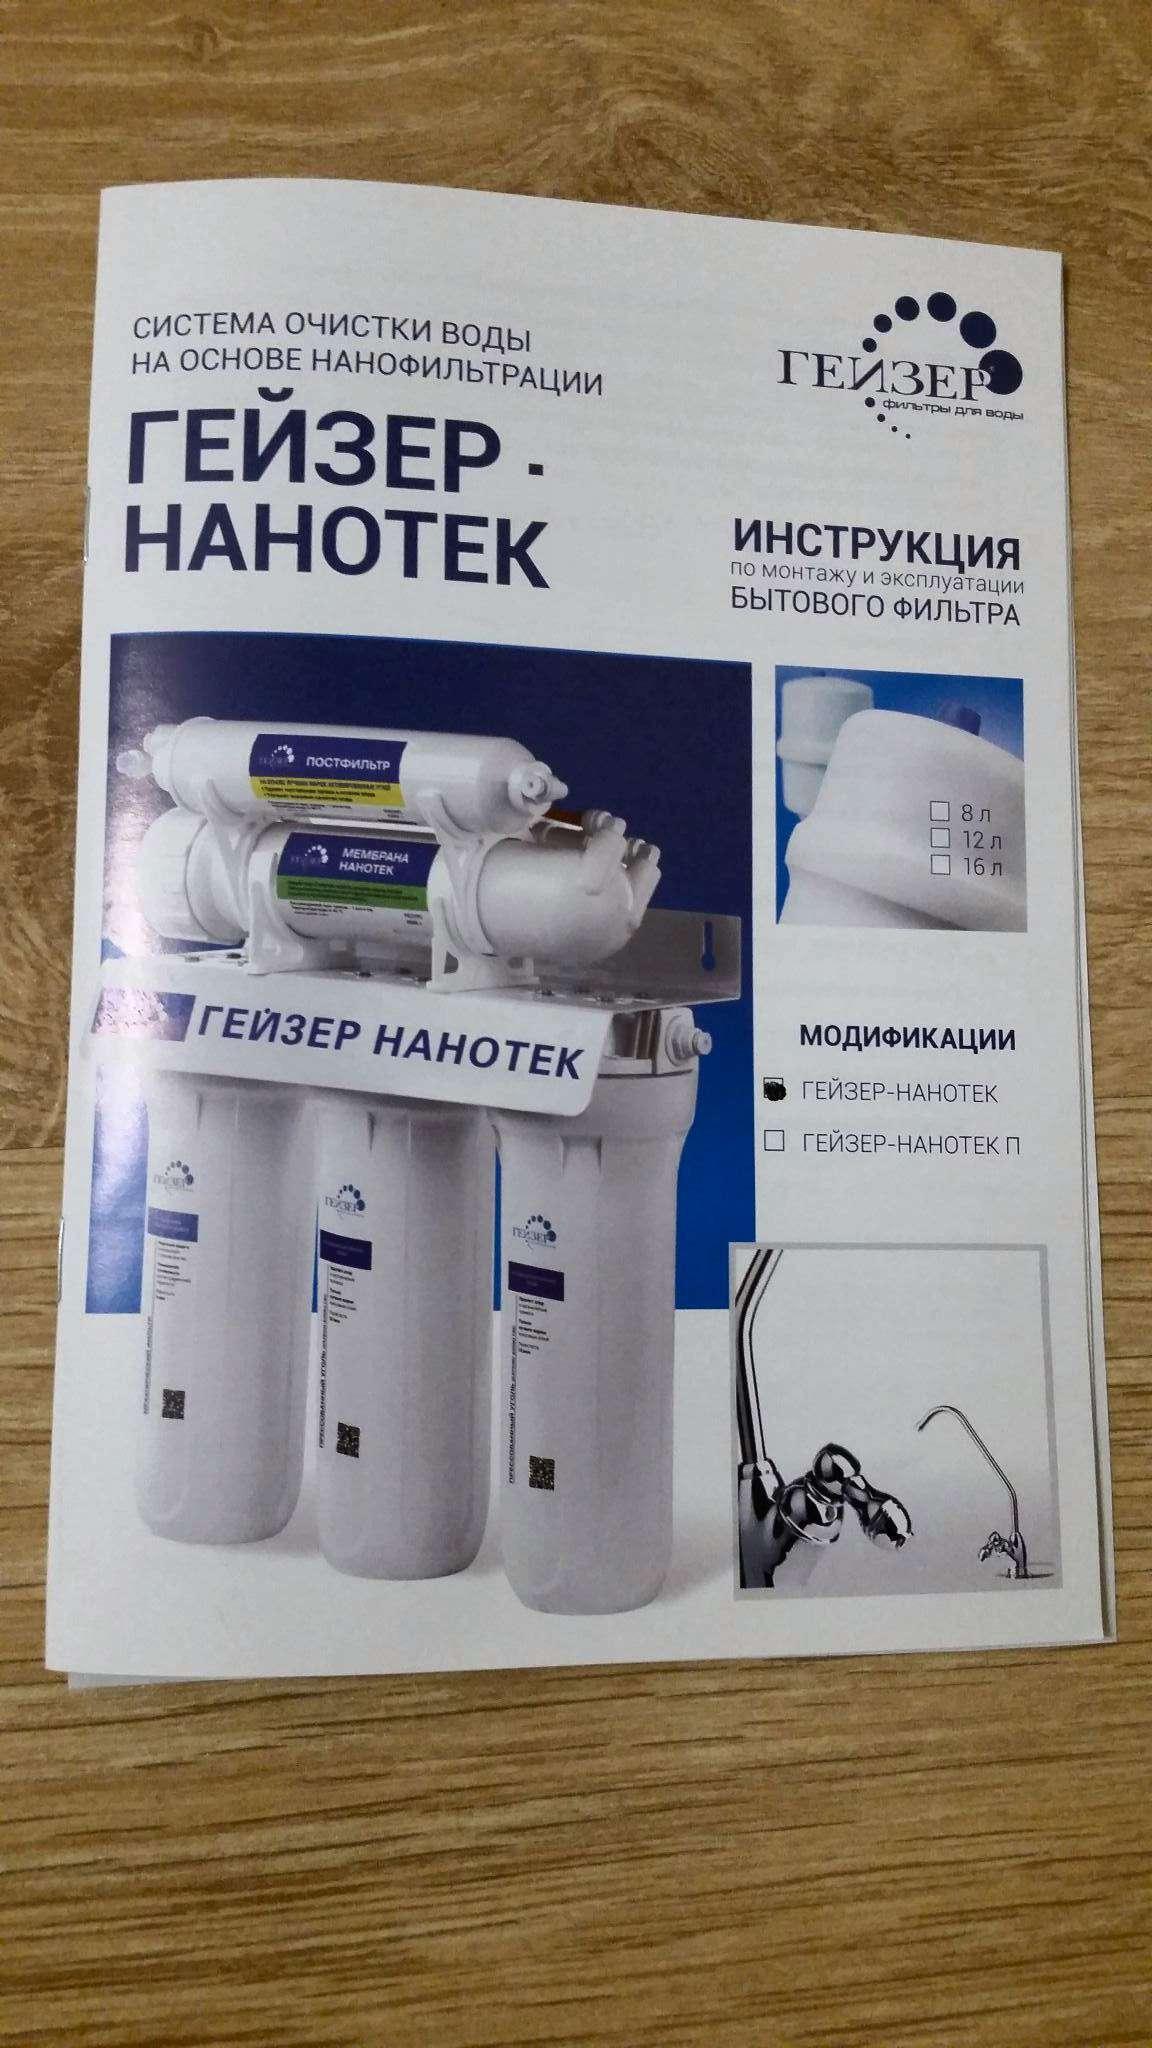 инструкция по установке гейзер био